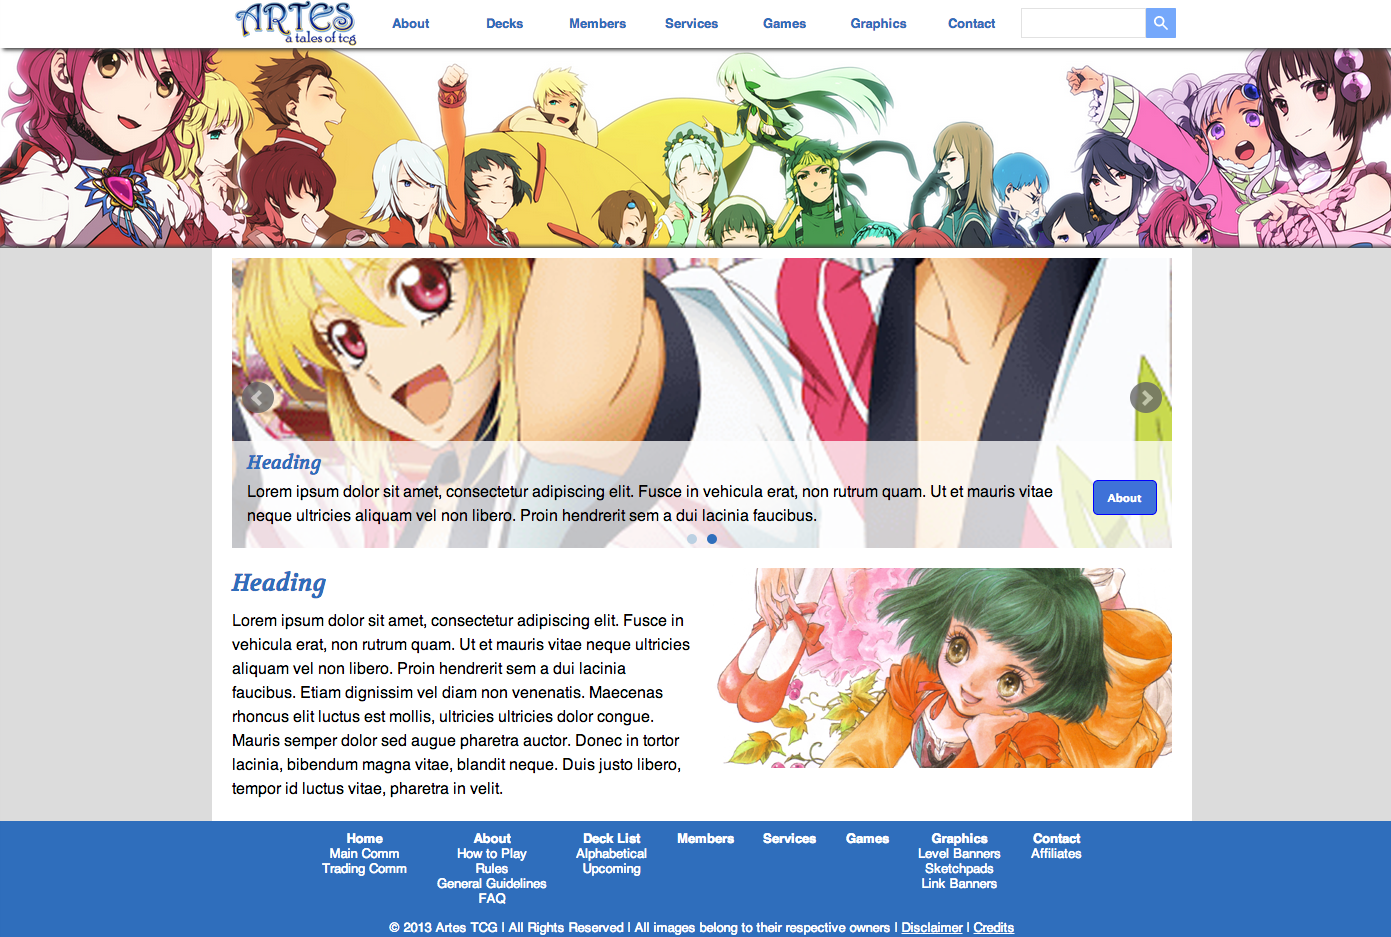 Artes TCG Site